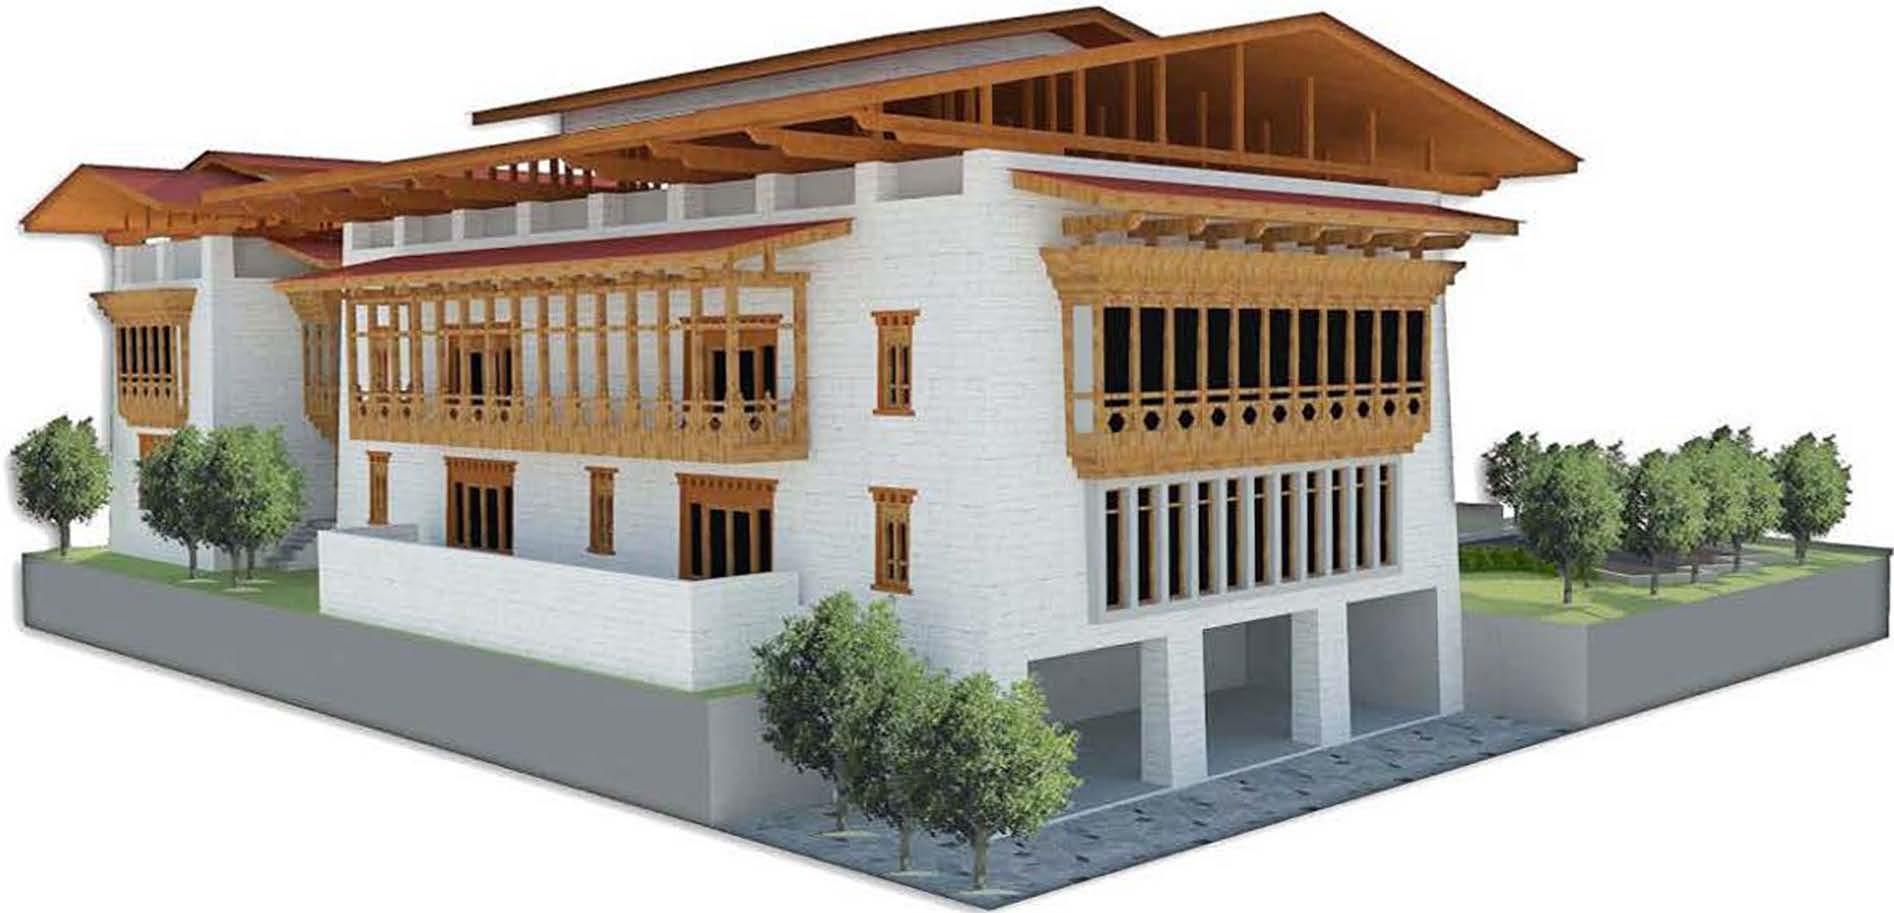 Building Rendering 4.jpg